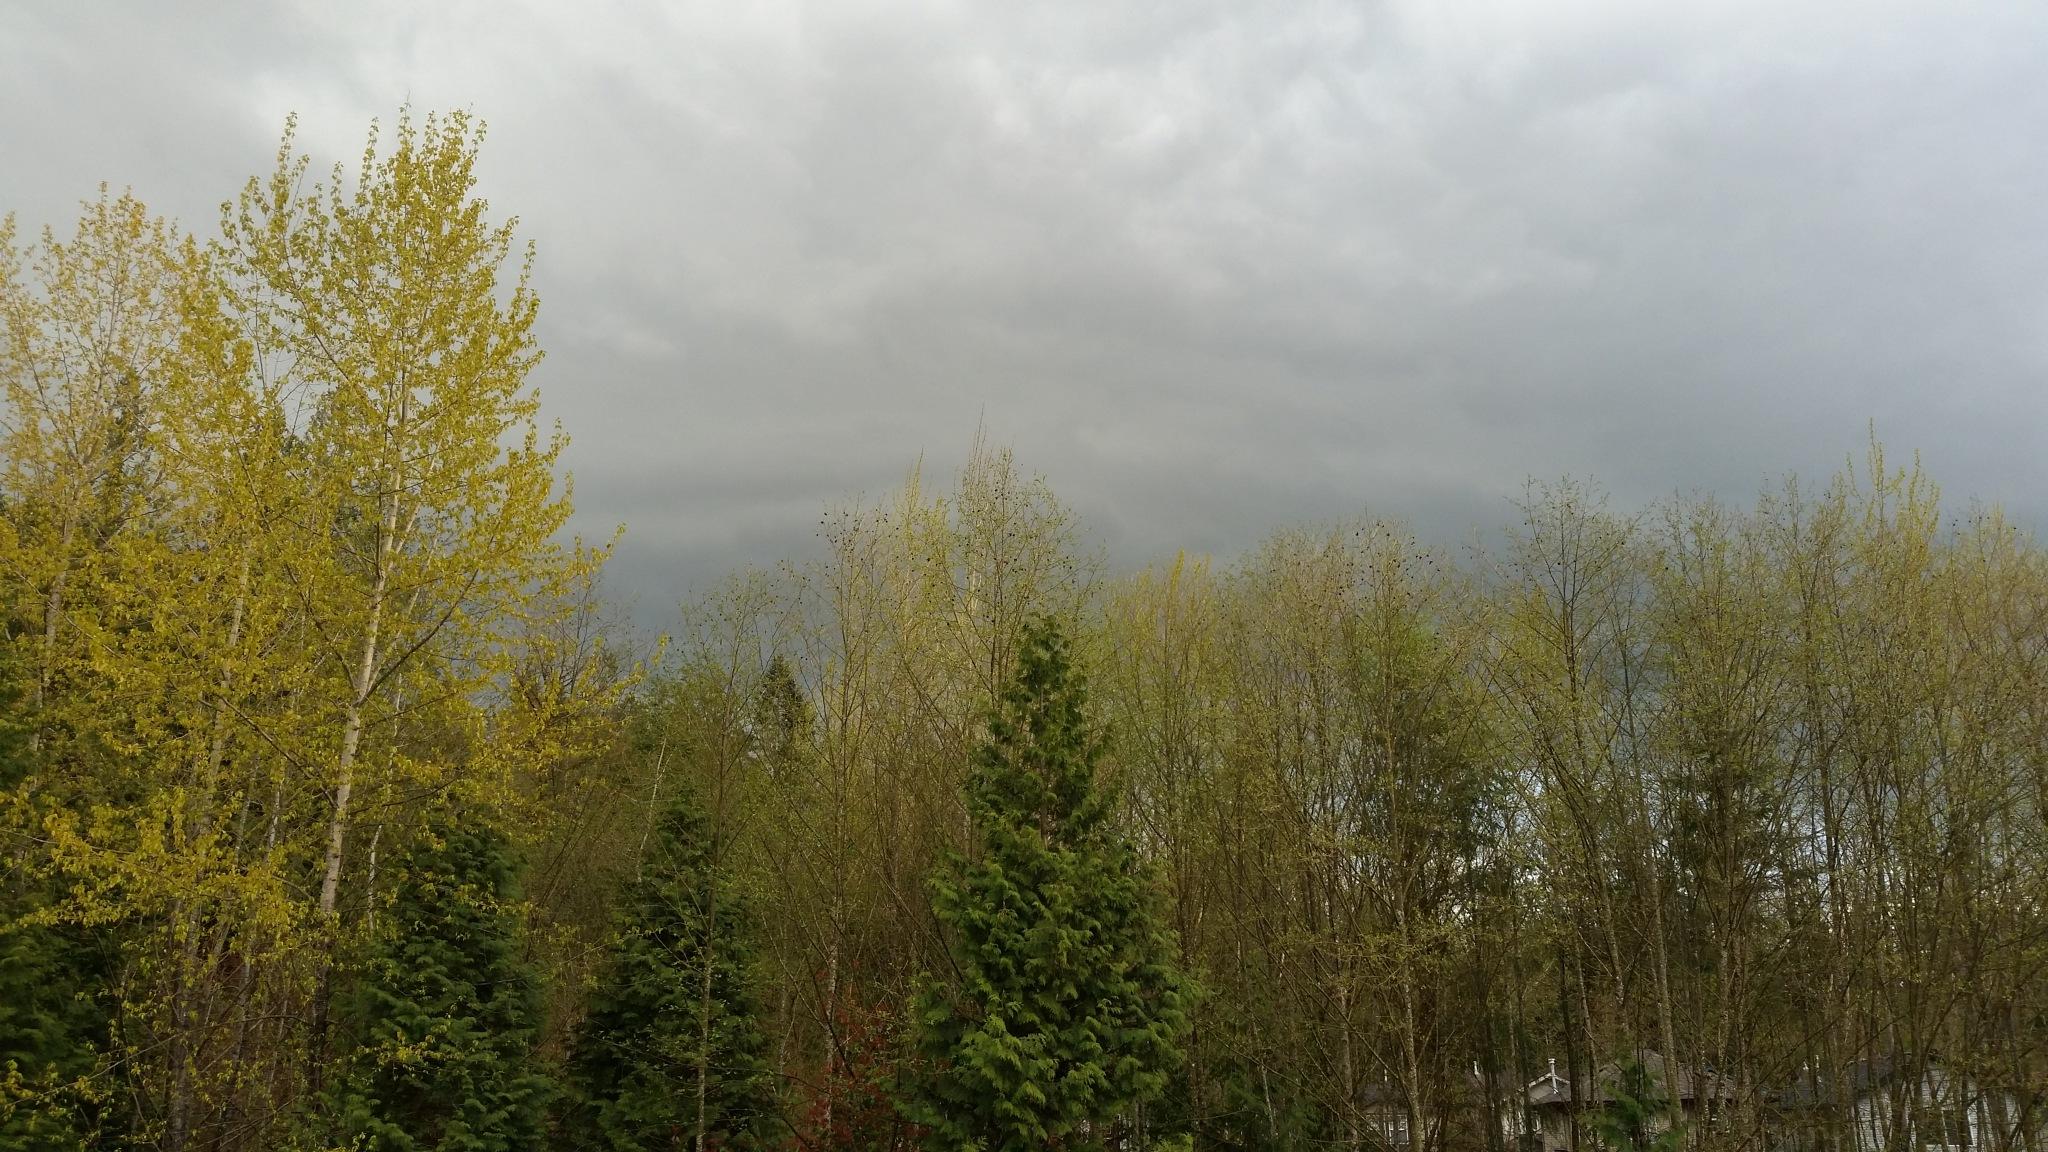 Clouds of green by AJ Bateman